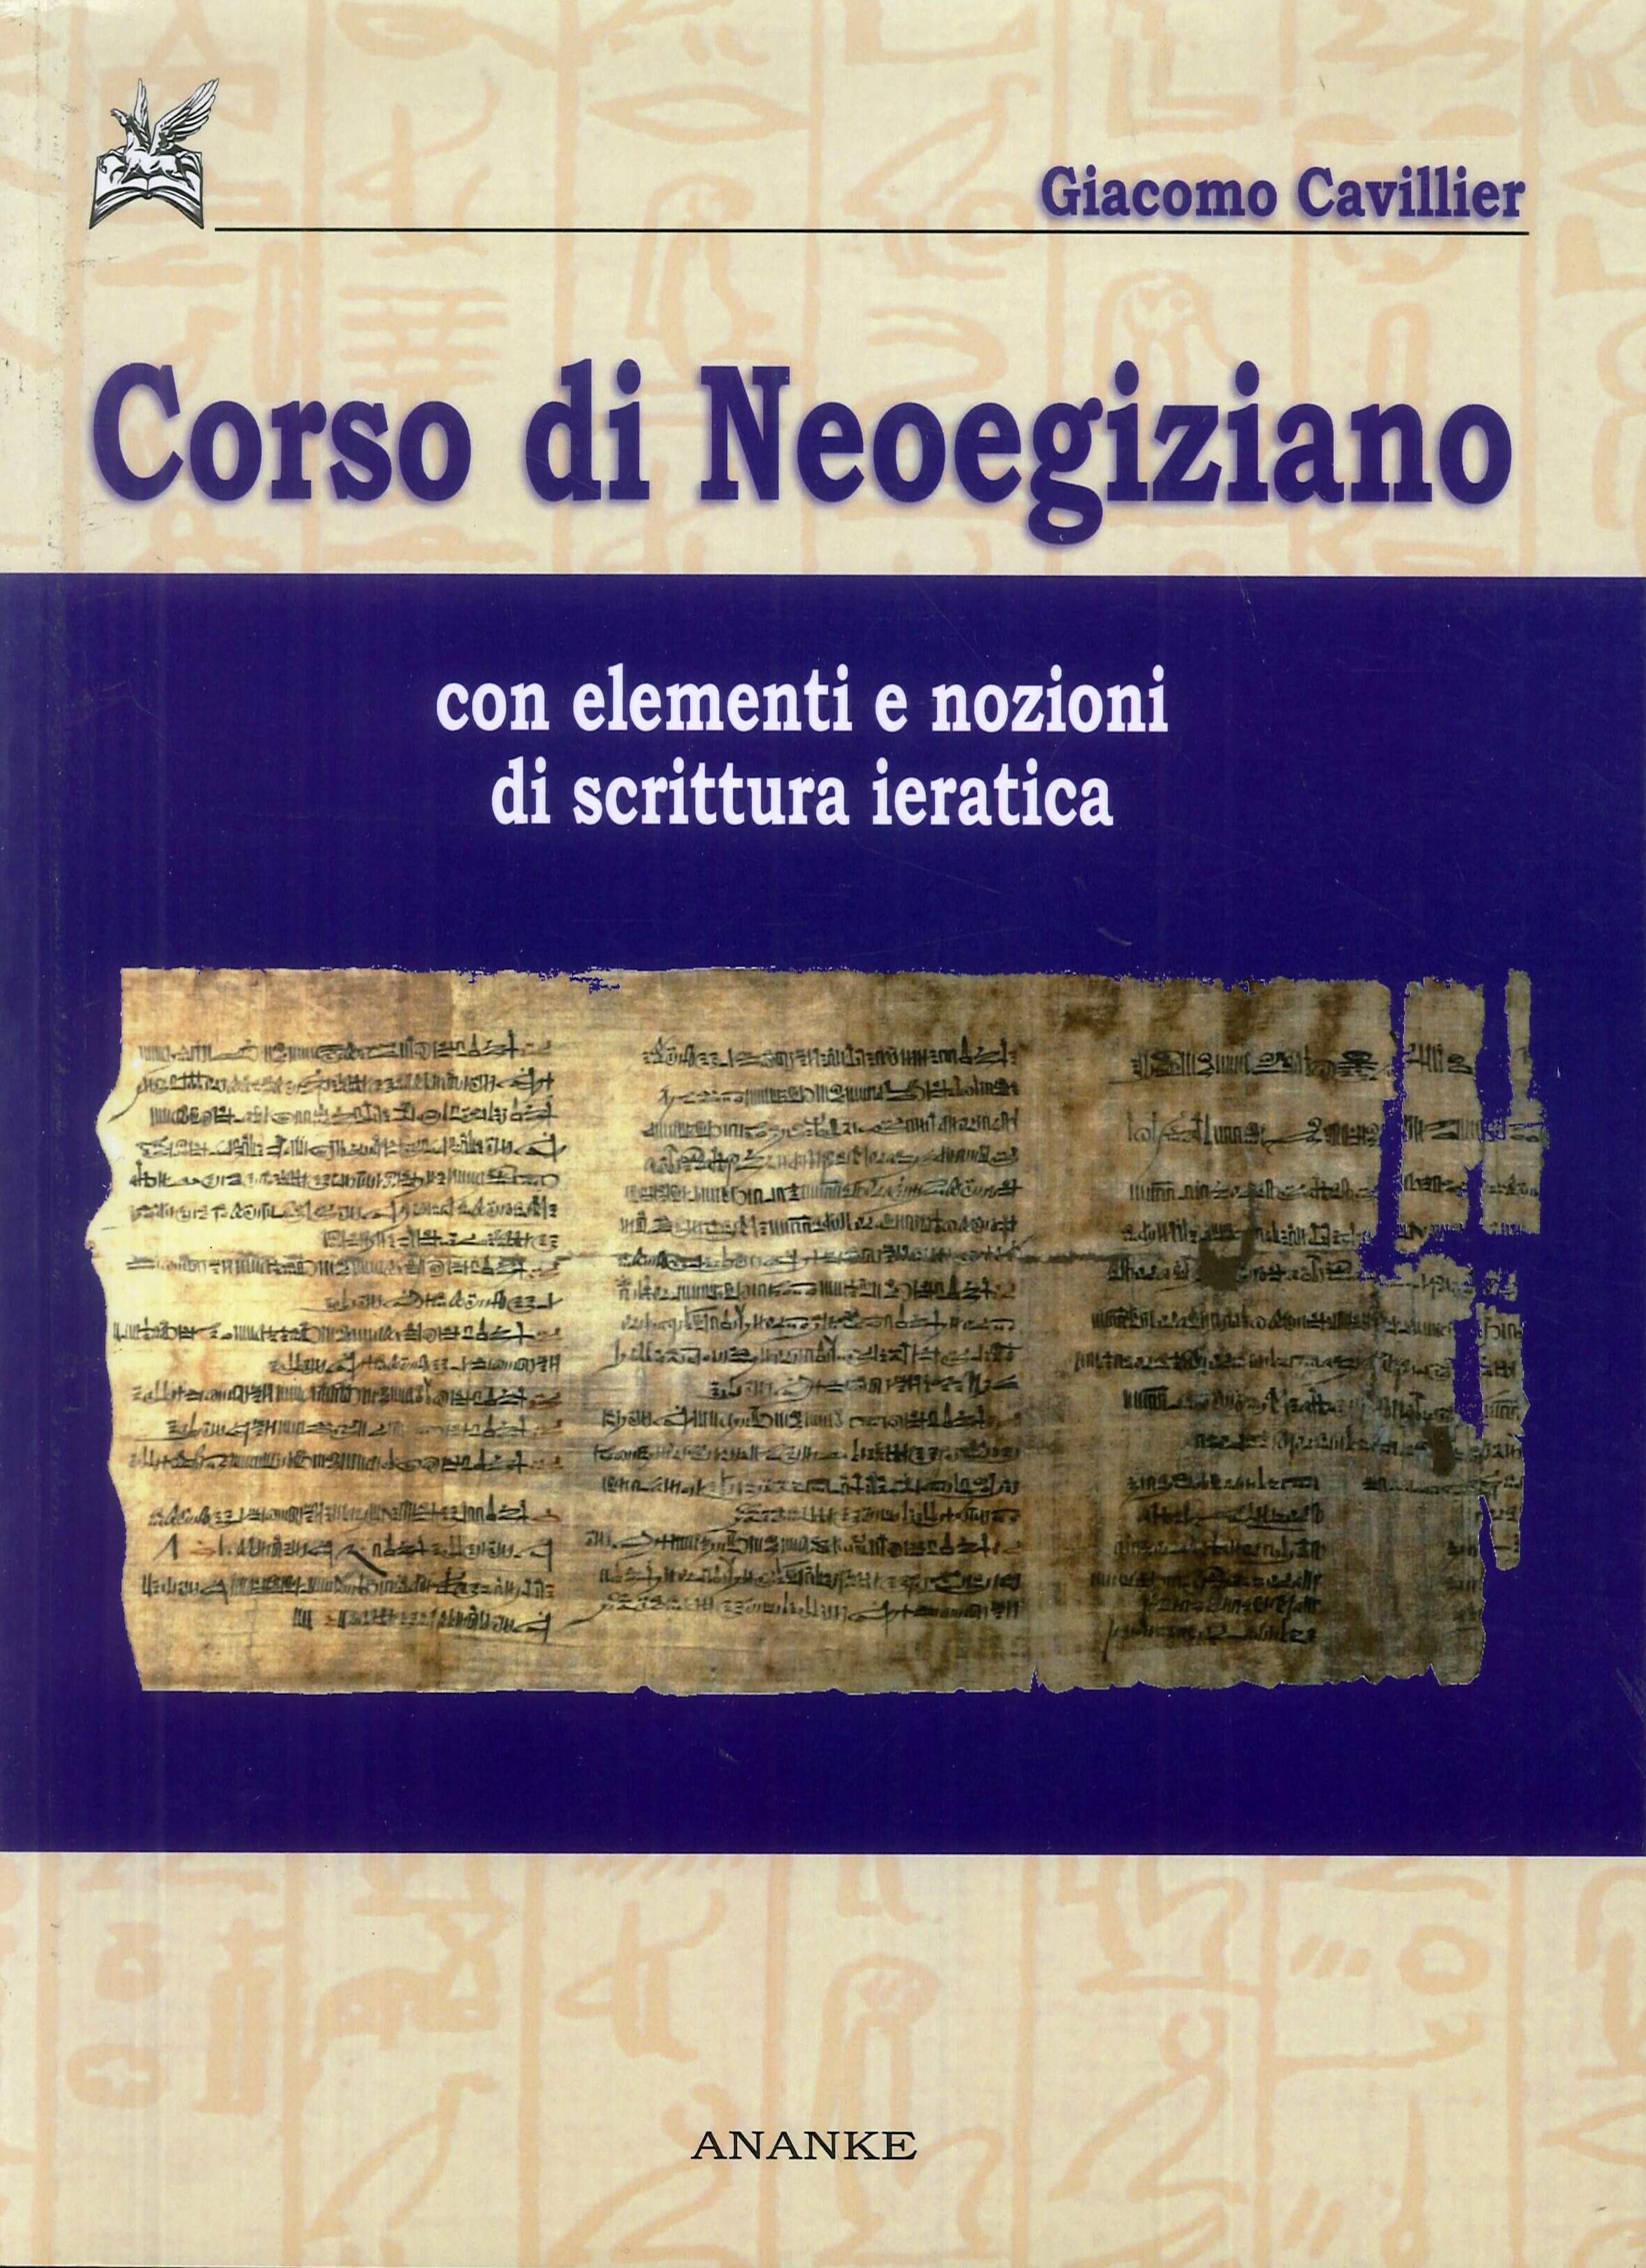 Corso di neoegiziano con elementi e nozioni di scrittura ieratica.